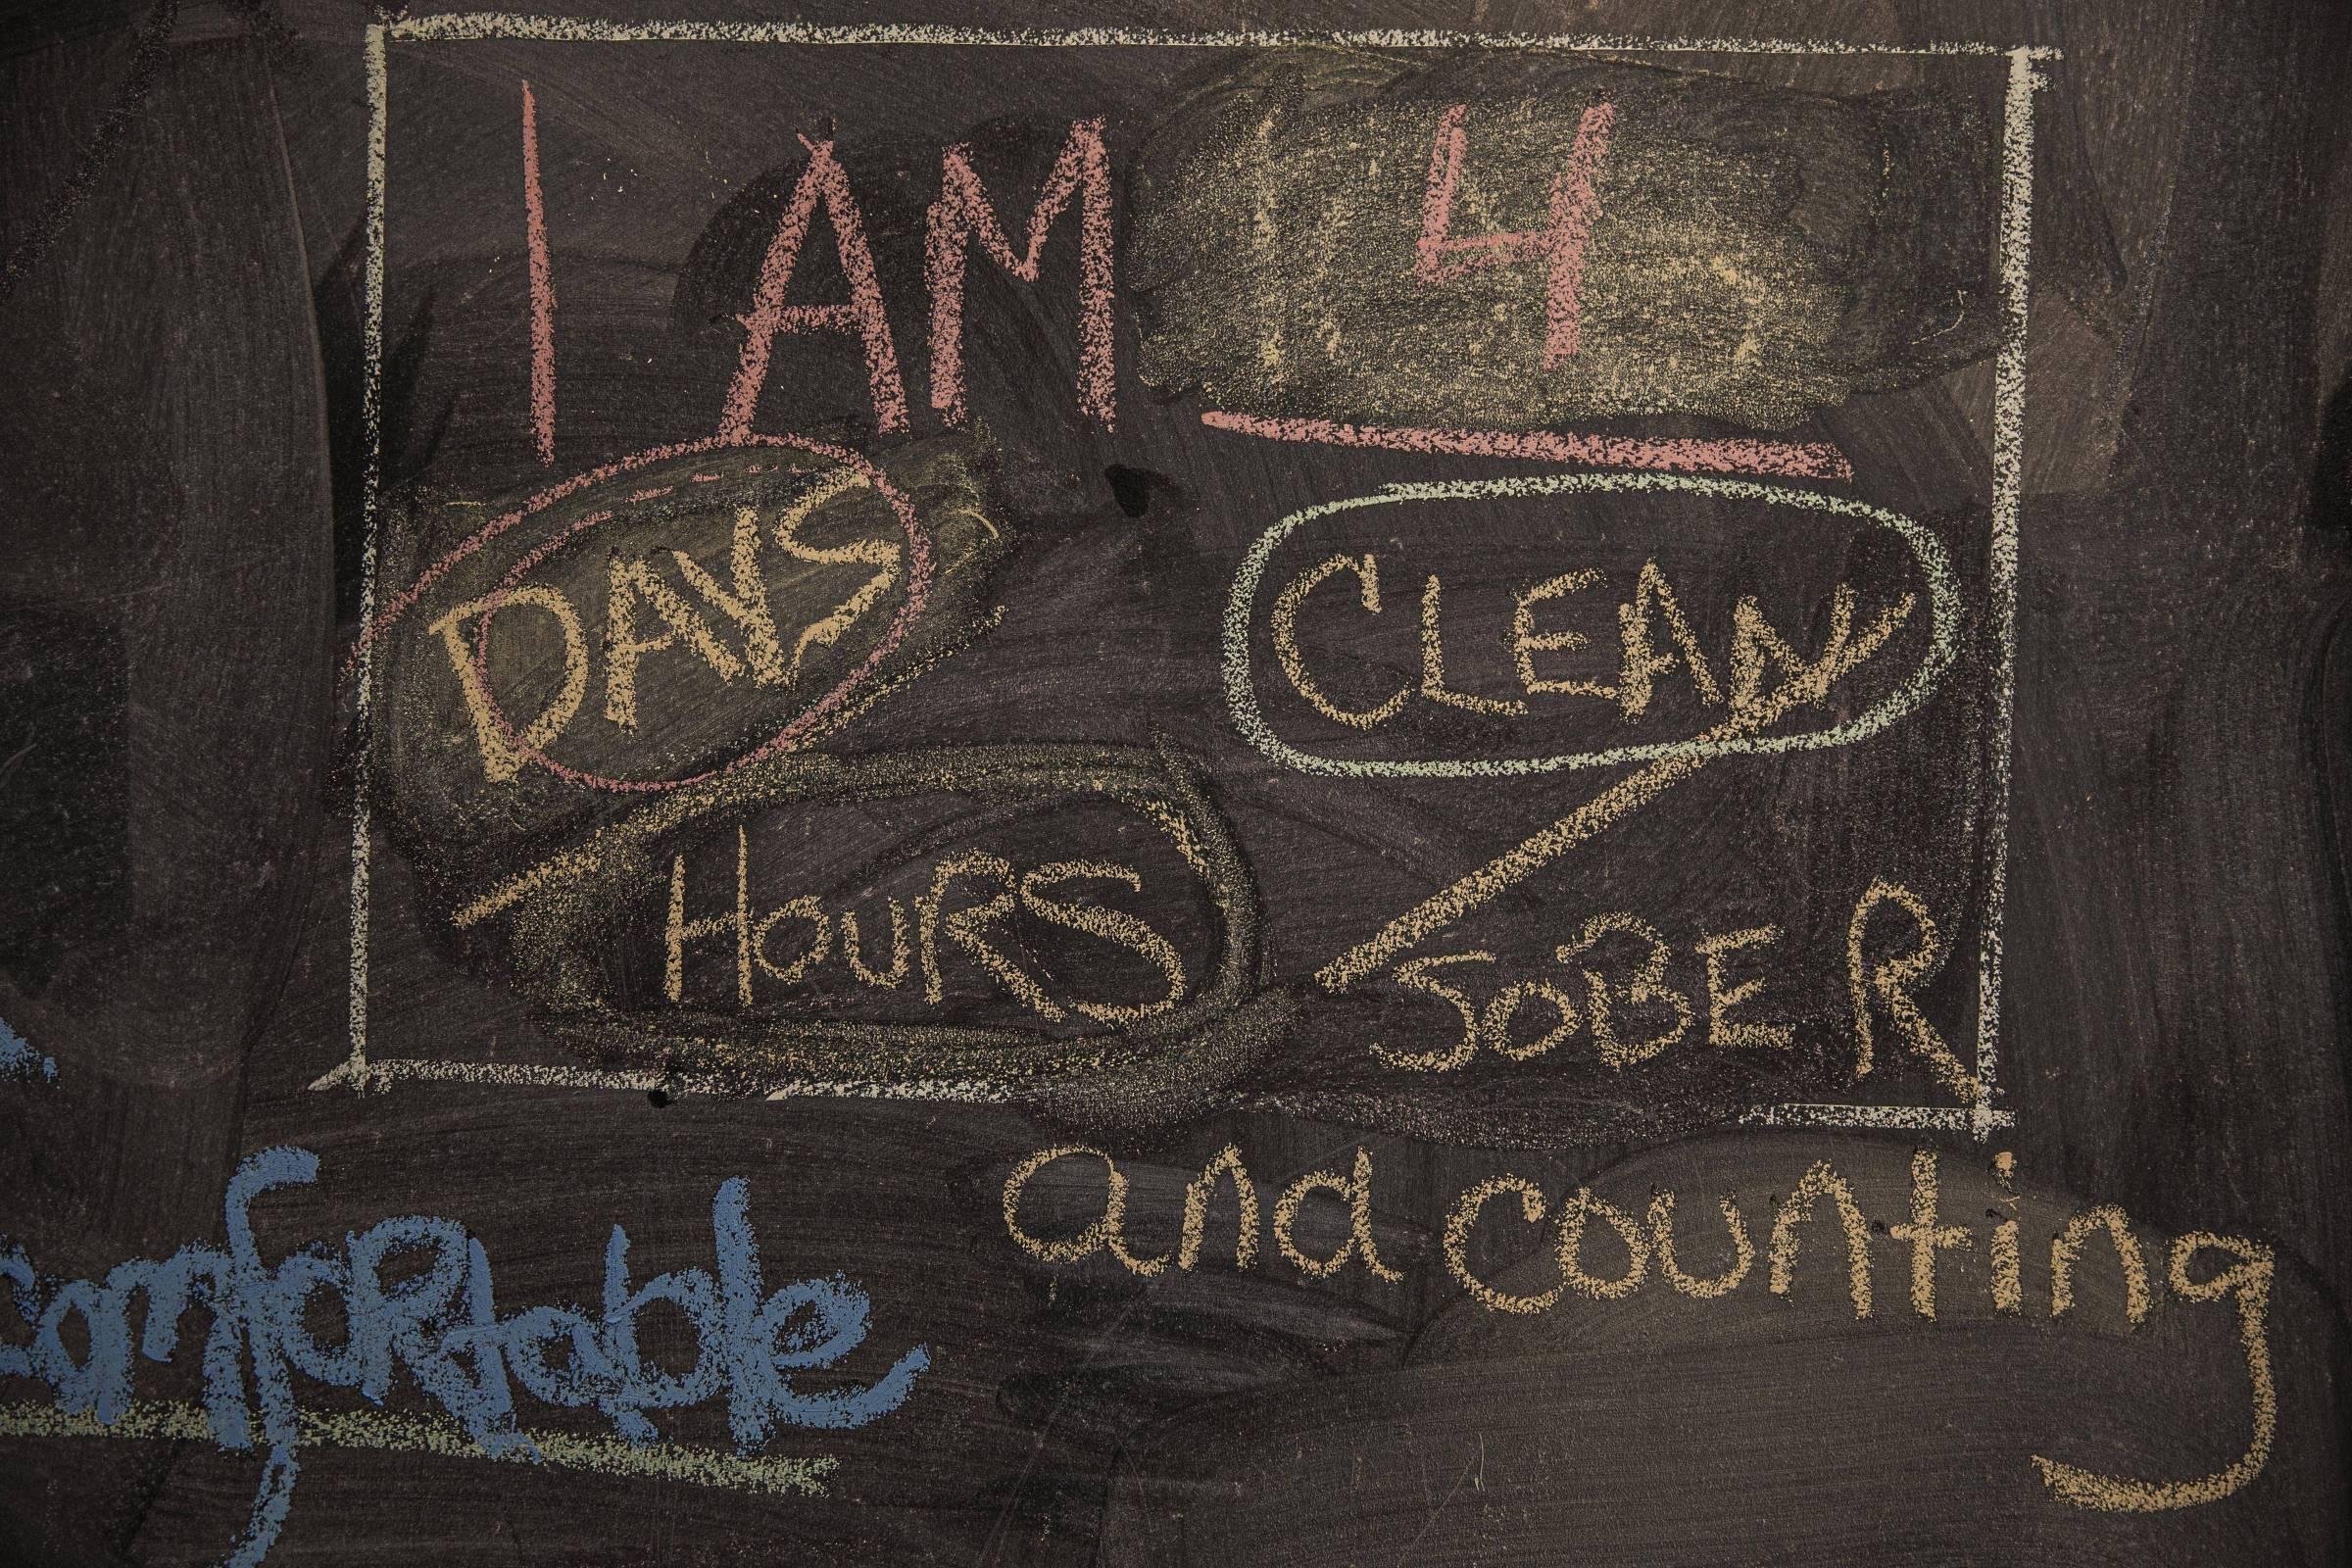 Frases escritas por pacientes em parede da clínica Maryhaven, em Columbus